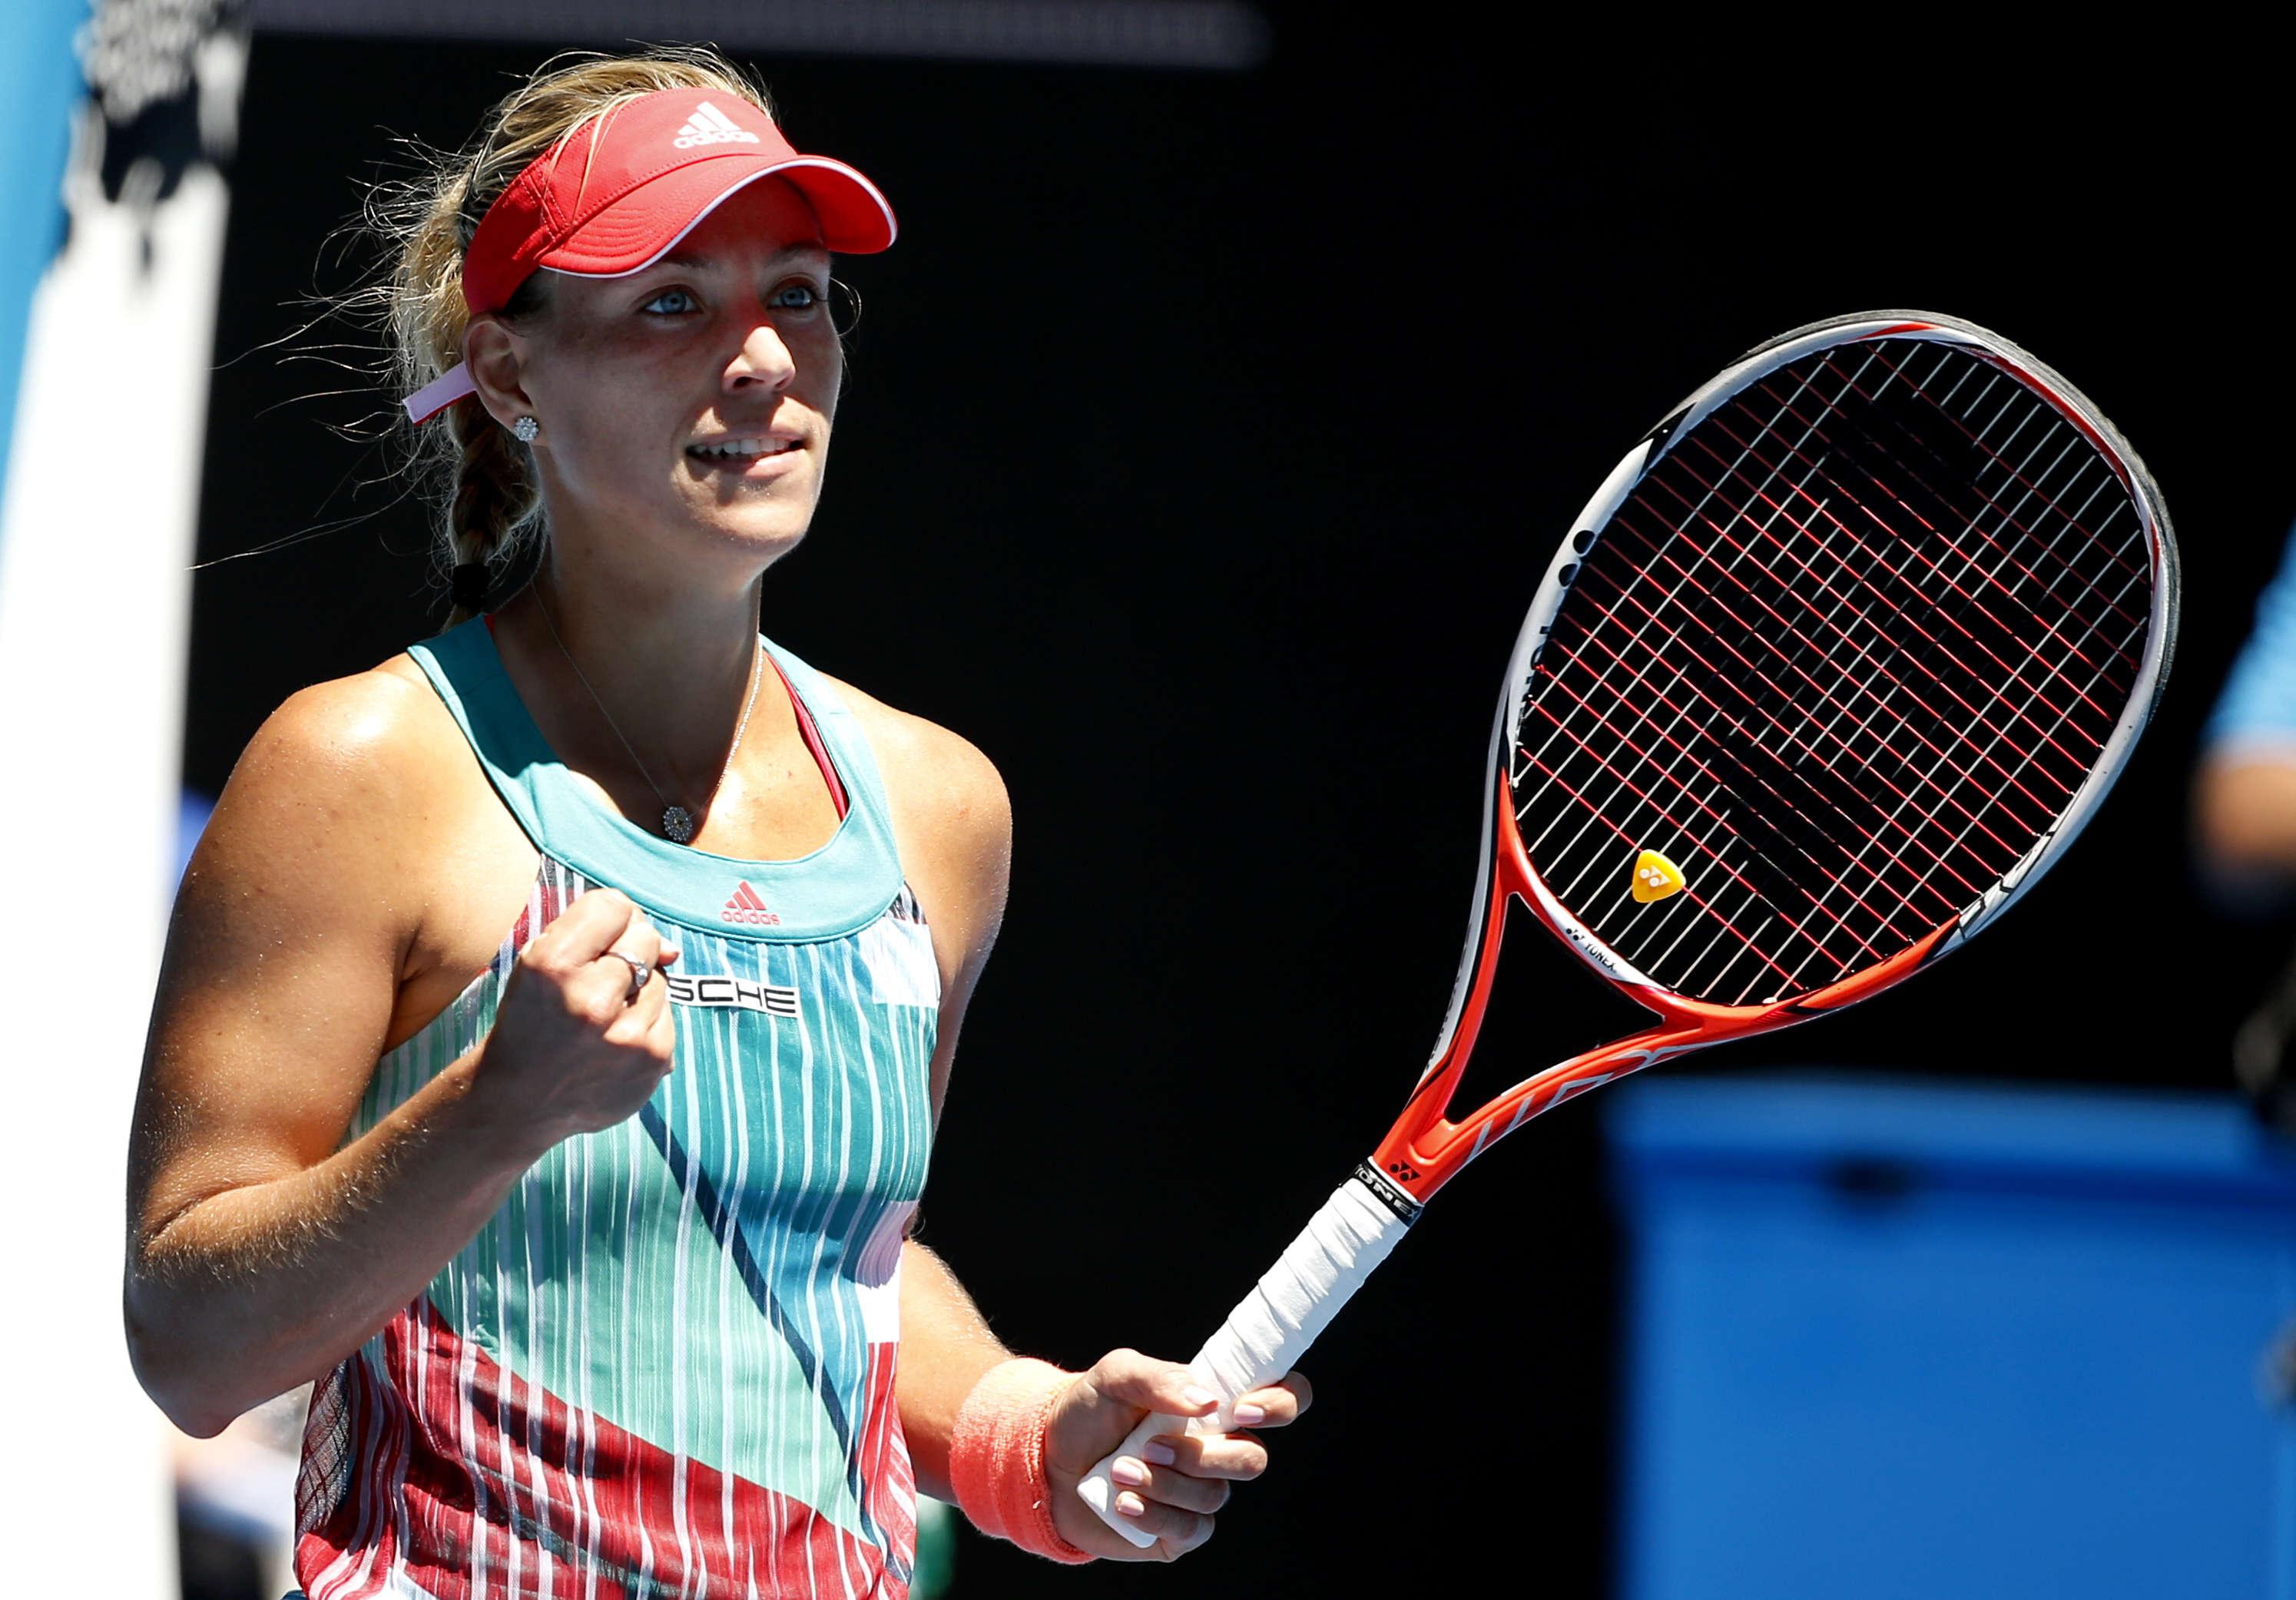 L'Allemande Angelique Kerber, tête de série numéro7, s'est qualifiée pour les quarts de finale en battant sa compatriote Annika Beck, cinquante-cinquième joueuse mondiale, en deux sets: 6-4, 6-0.